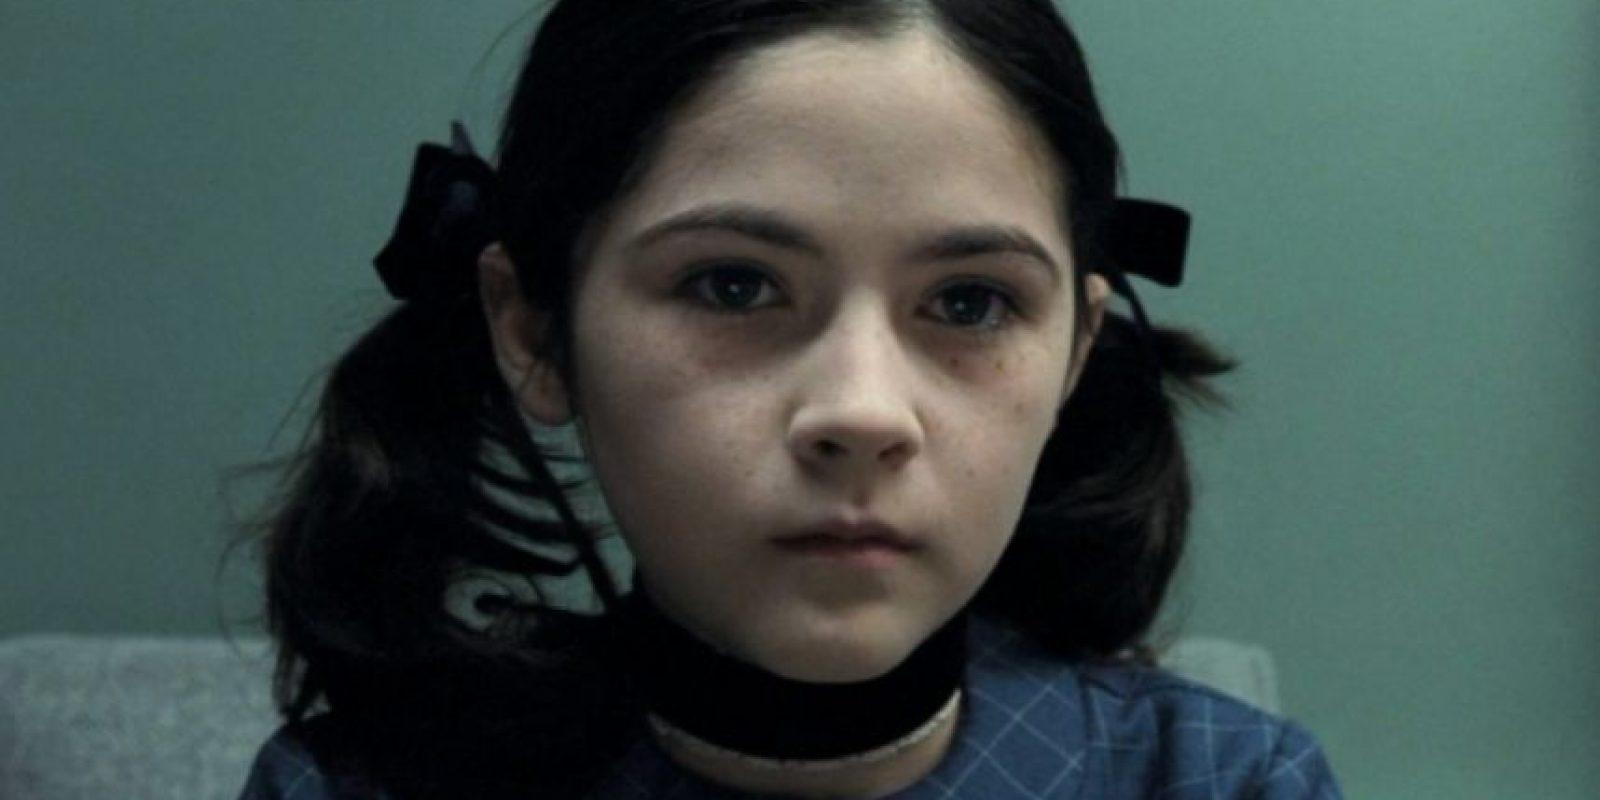 Isabelle Fuhrman interpretó a uno de los personajes más escalofriantes de la historia del cine. Foto:vía Warner. Imagen Por: